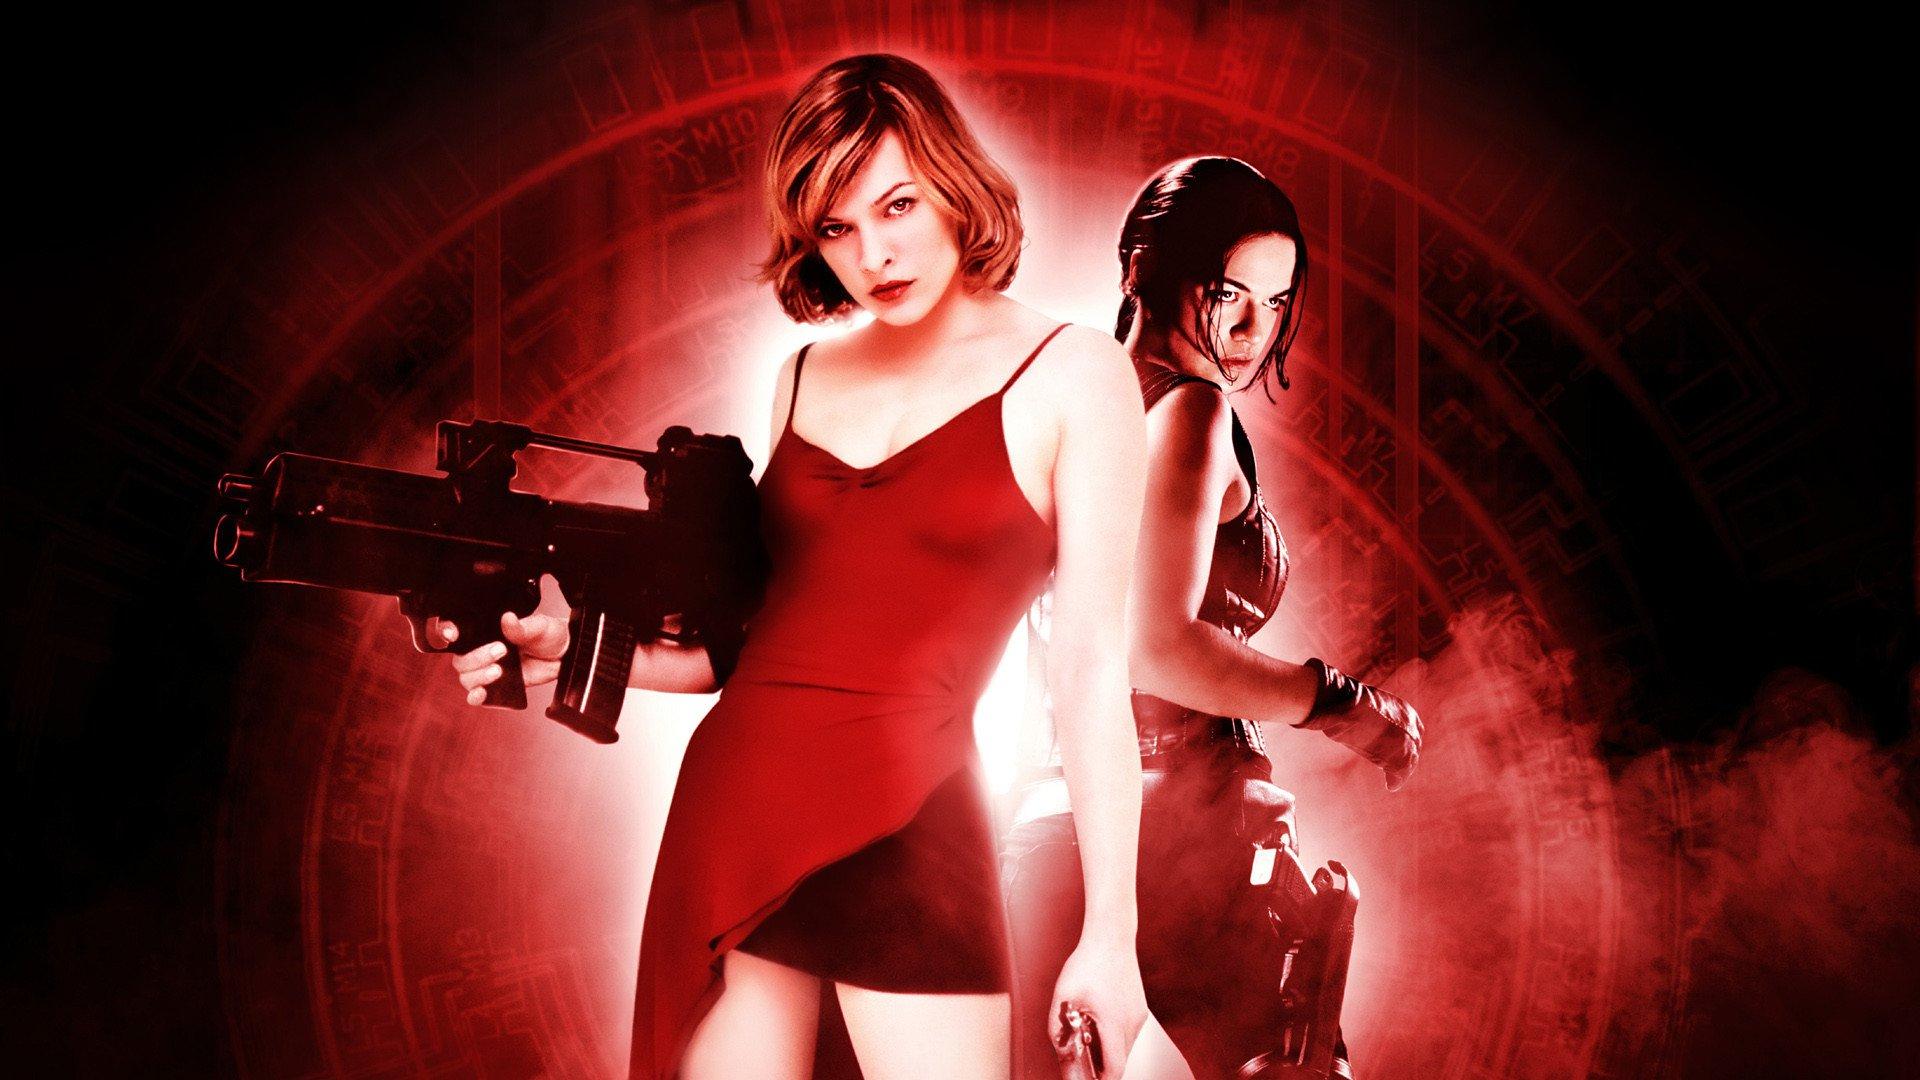 Resident Evil Reboot Cast Revealed